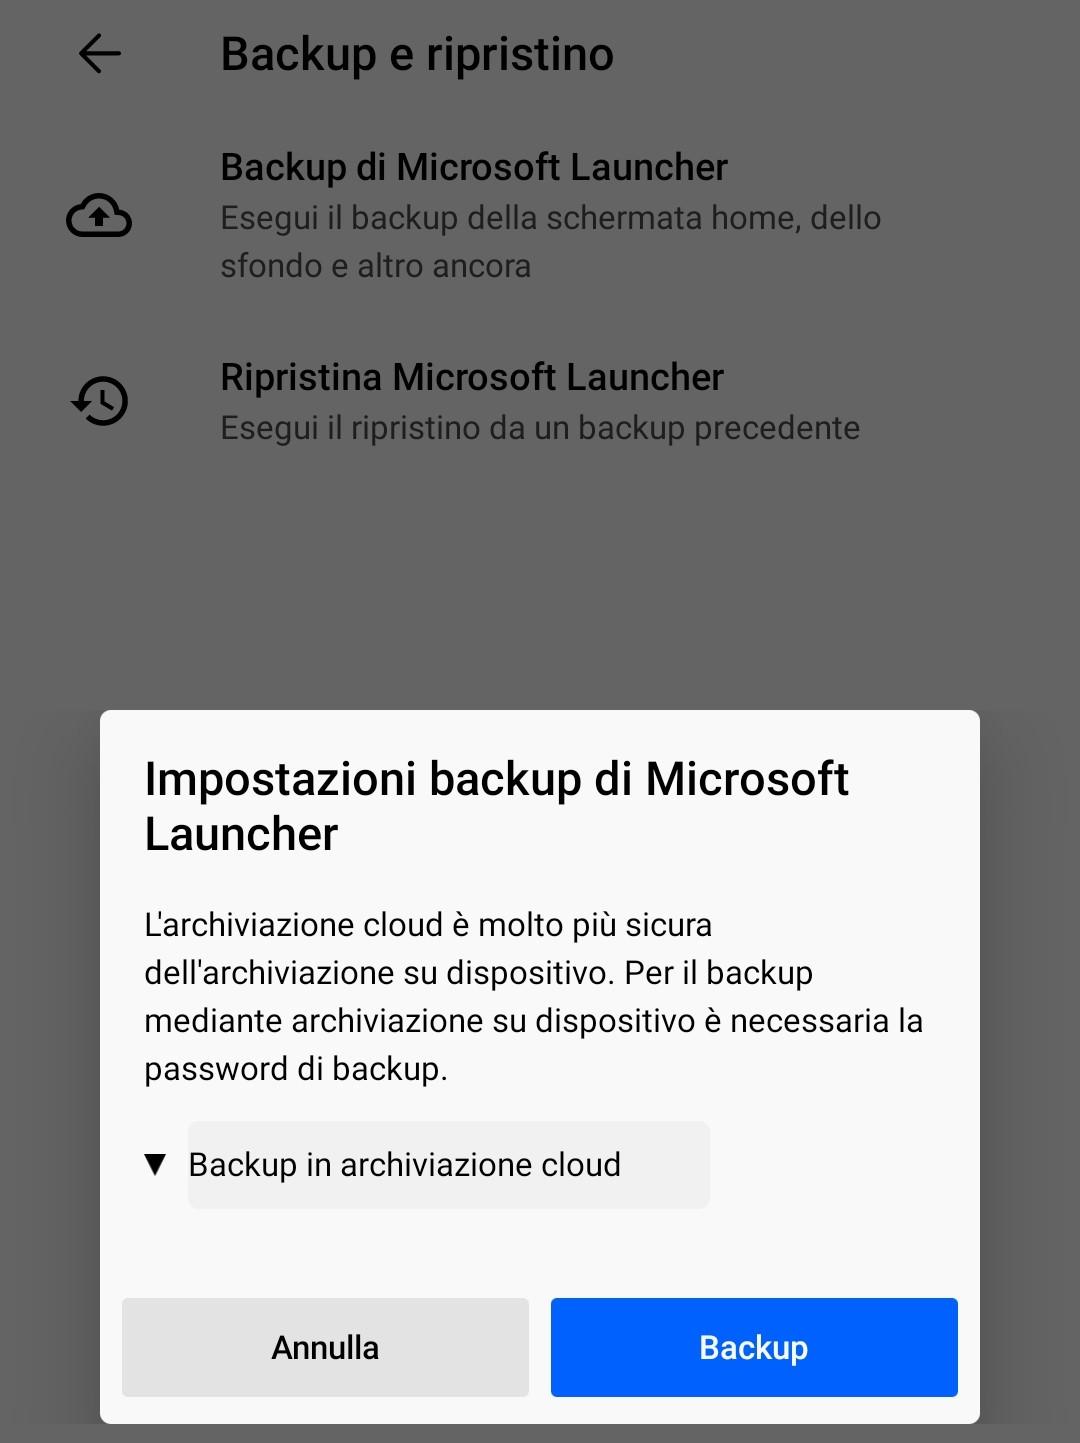 Nuovo Microsoft Launcher Preview impostazioni di backup